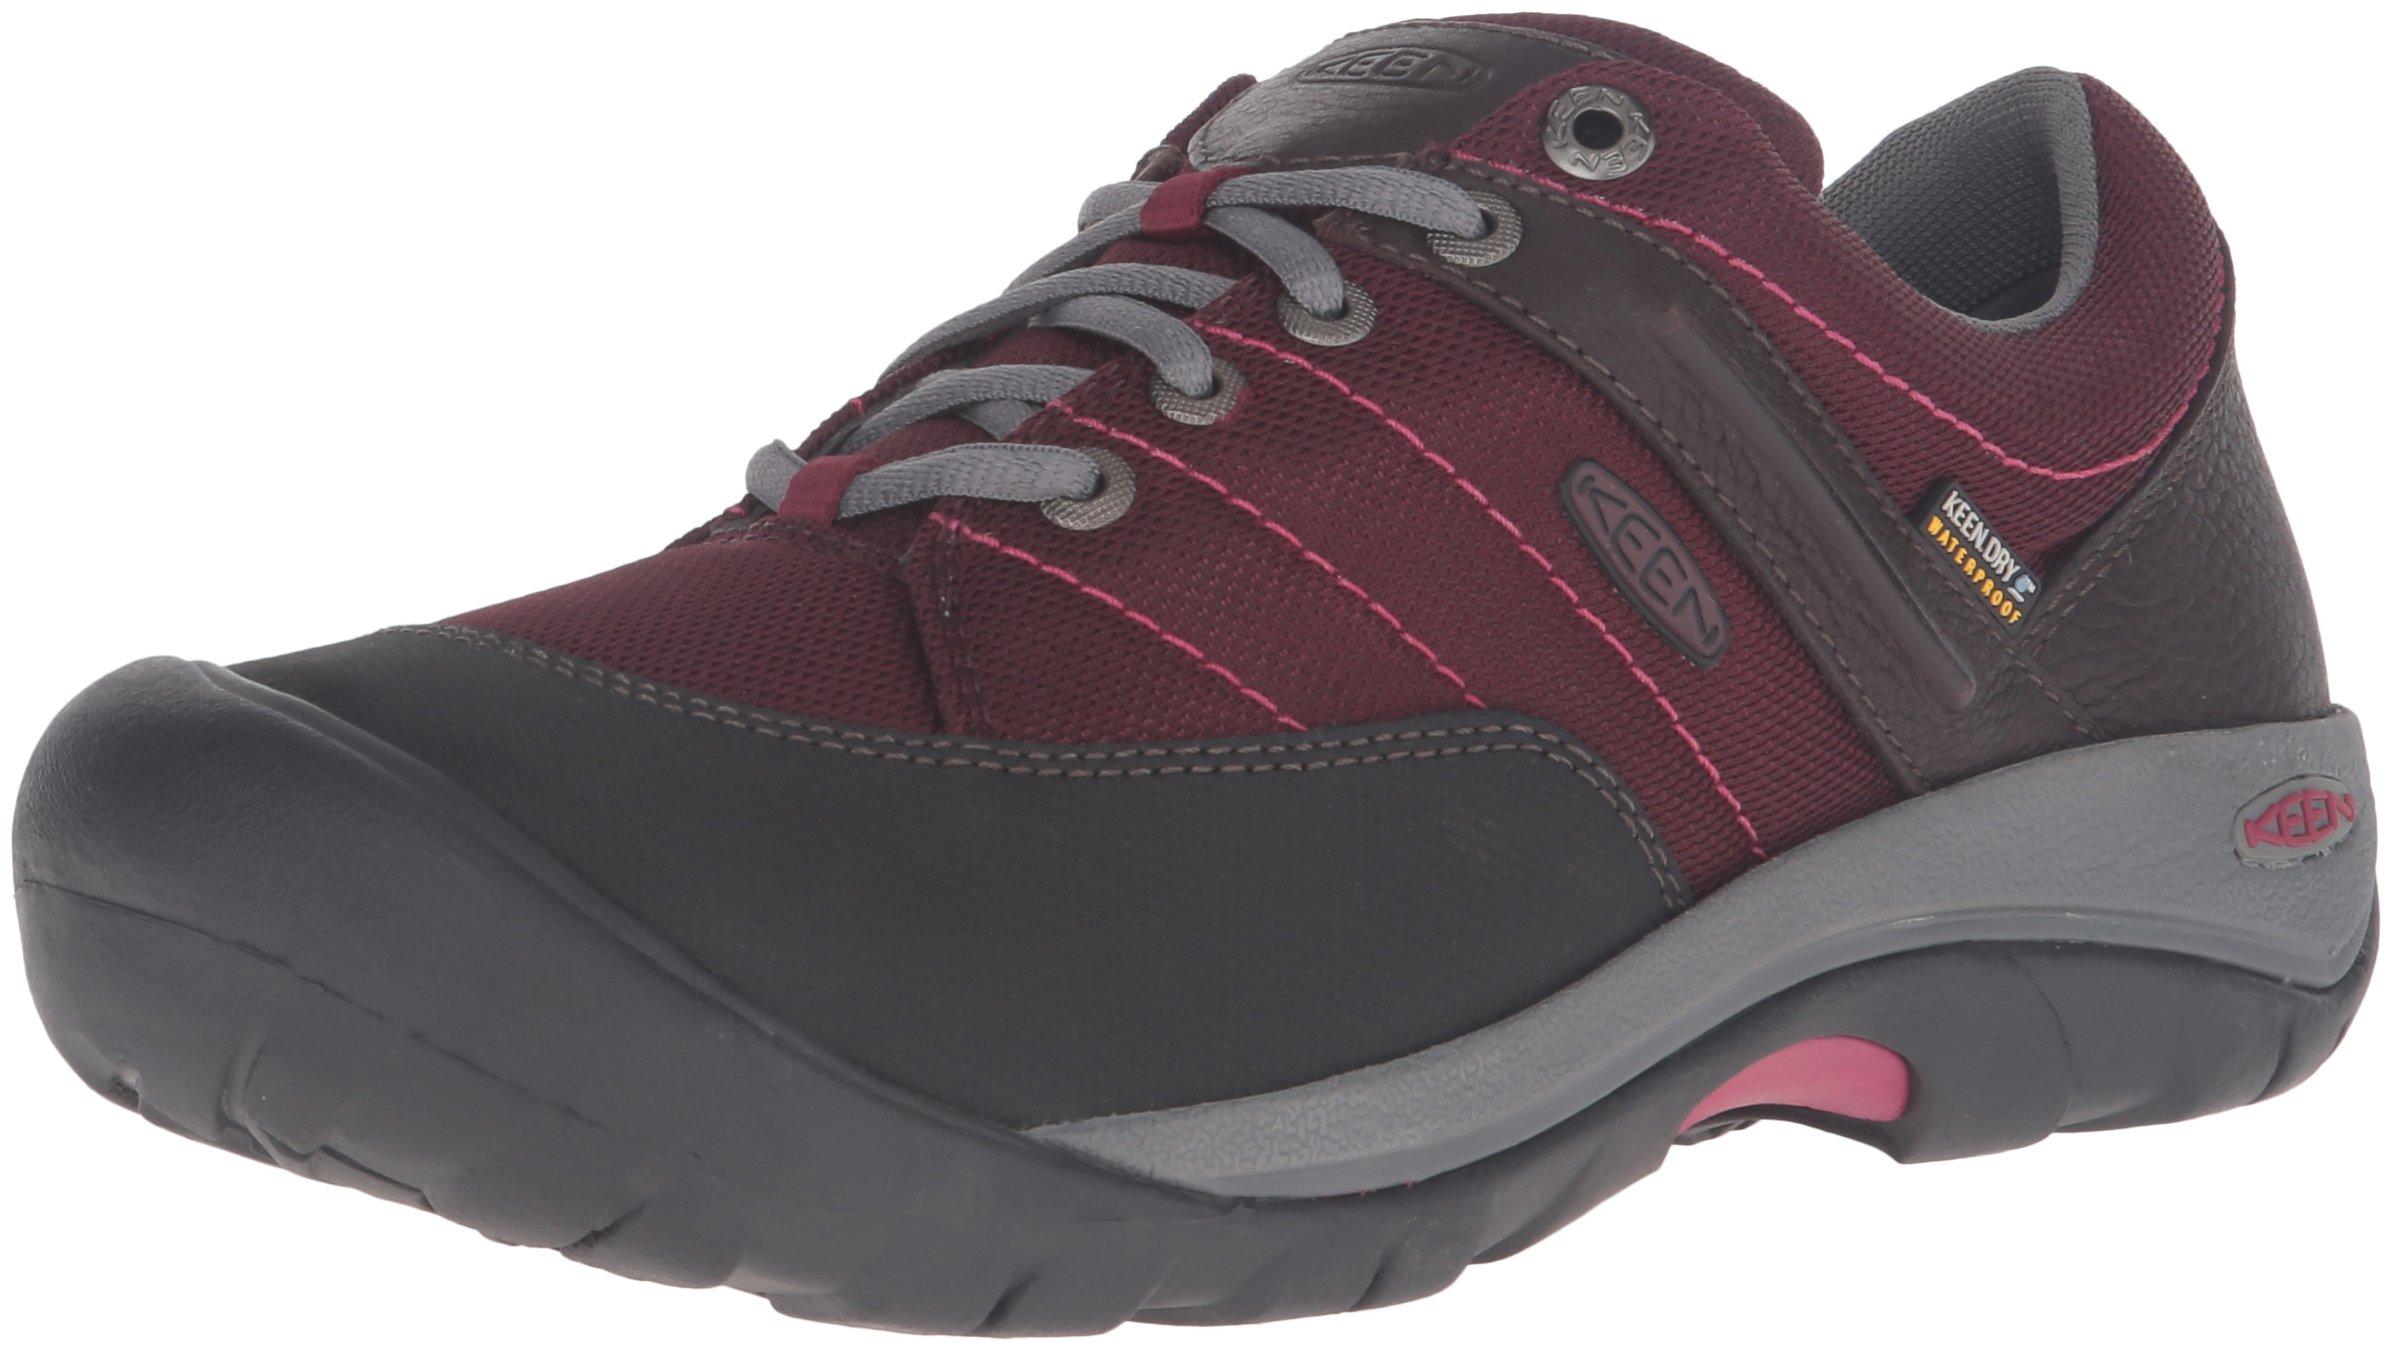 KEEN Women's Presidio Sport Mesh Waterproof Shoe, Zinfandel, 9 M US by KEEN